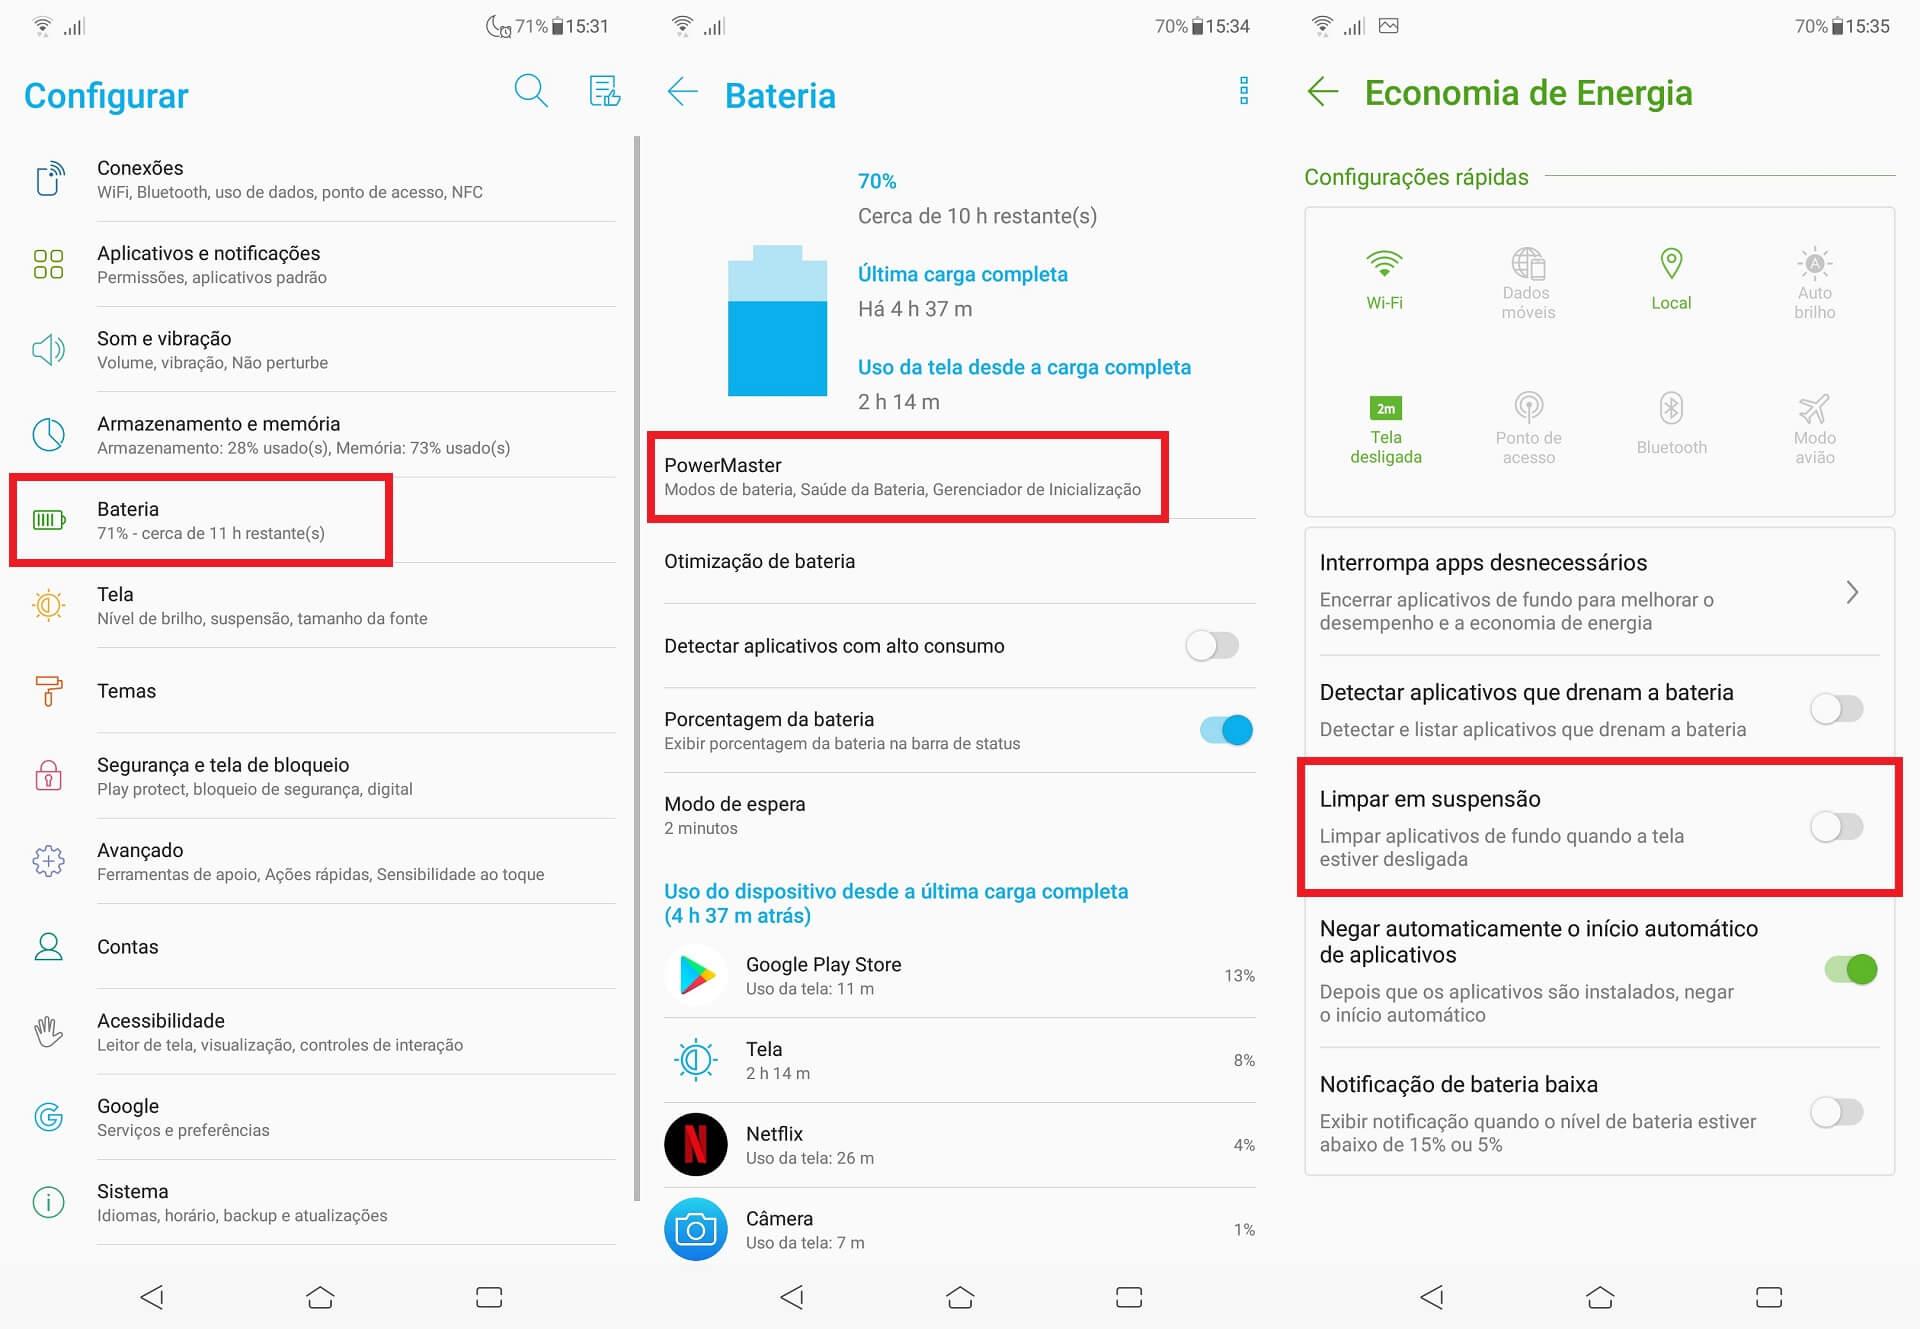 IMG 9 - Descubra 23 dicas e truques para os Asus Zenfone 5 e Zenfone 5Z